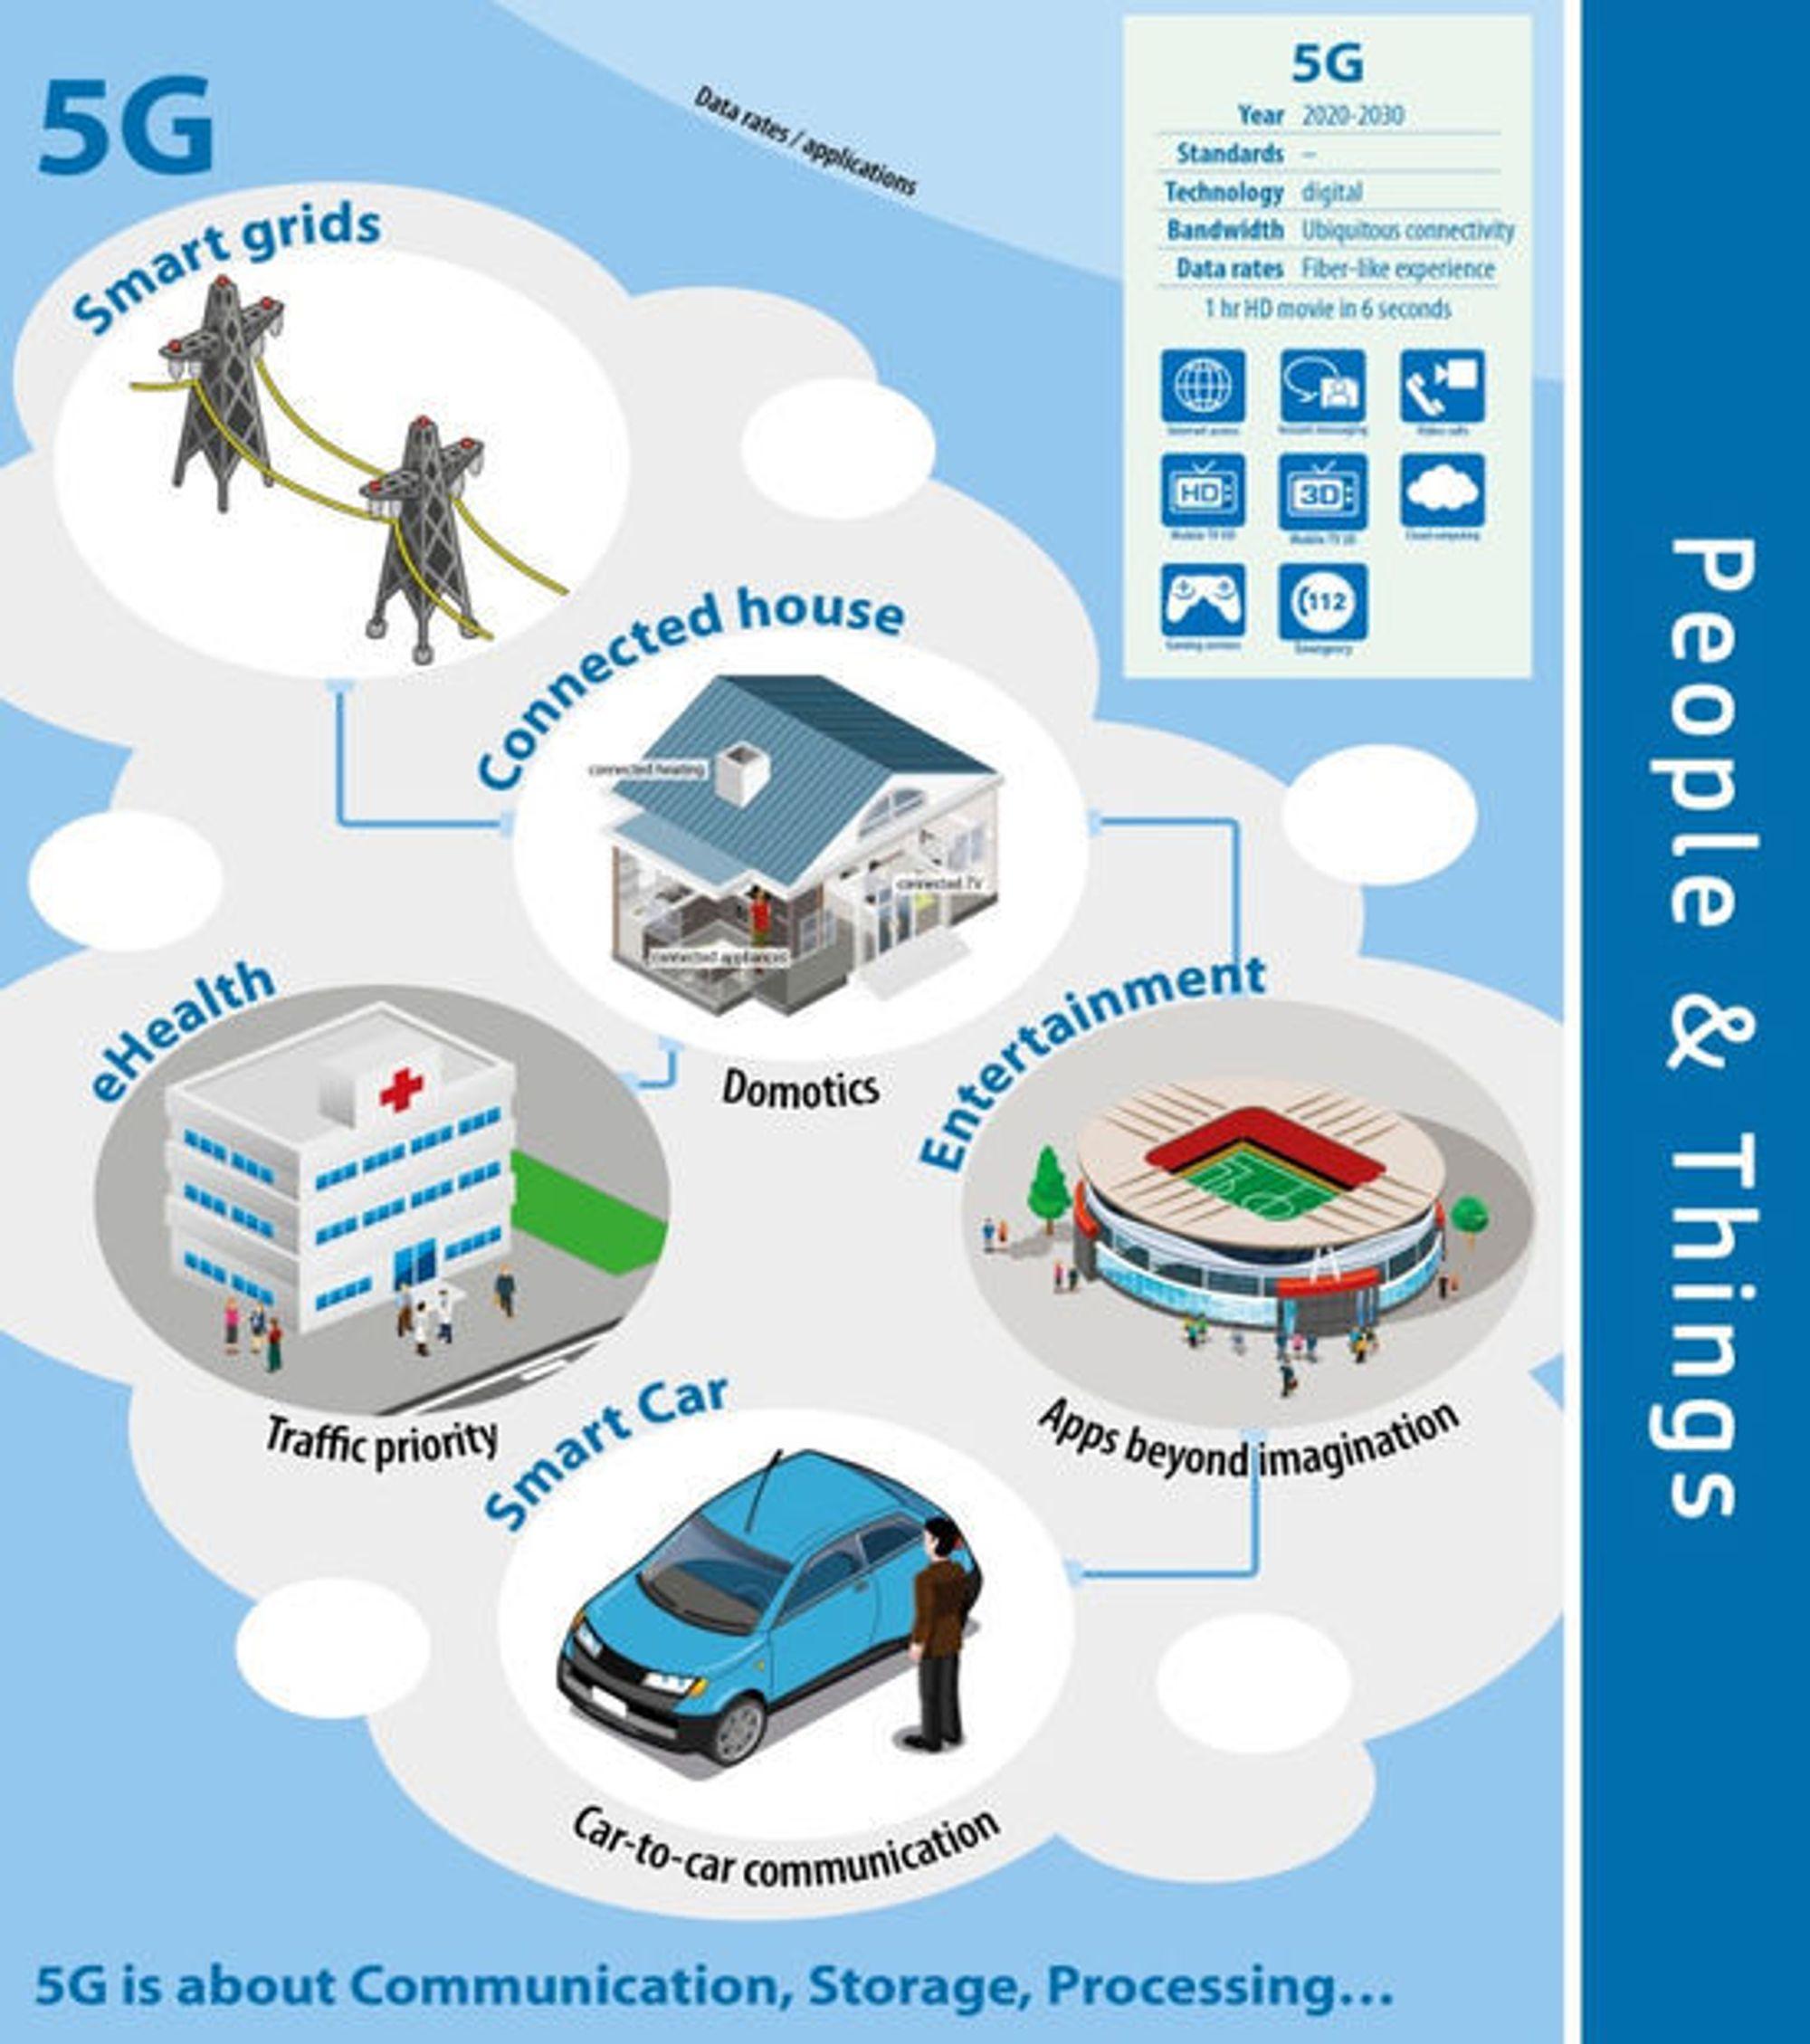 IIfølge EU handler 5G blant annet om kommunikasjon, lagring og prosessering. Dette inkluderer kommunikasjon blant annet mellom smarte kjøretøyer, smarte hjem, eHelse, smarte strømnett og selvfølgelig underholdning.